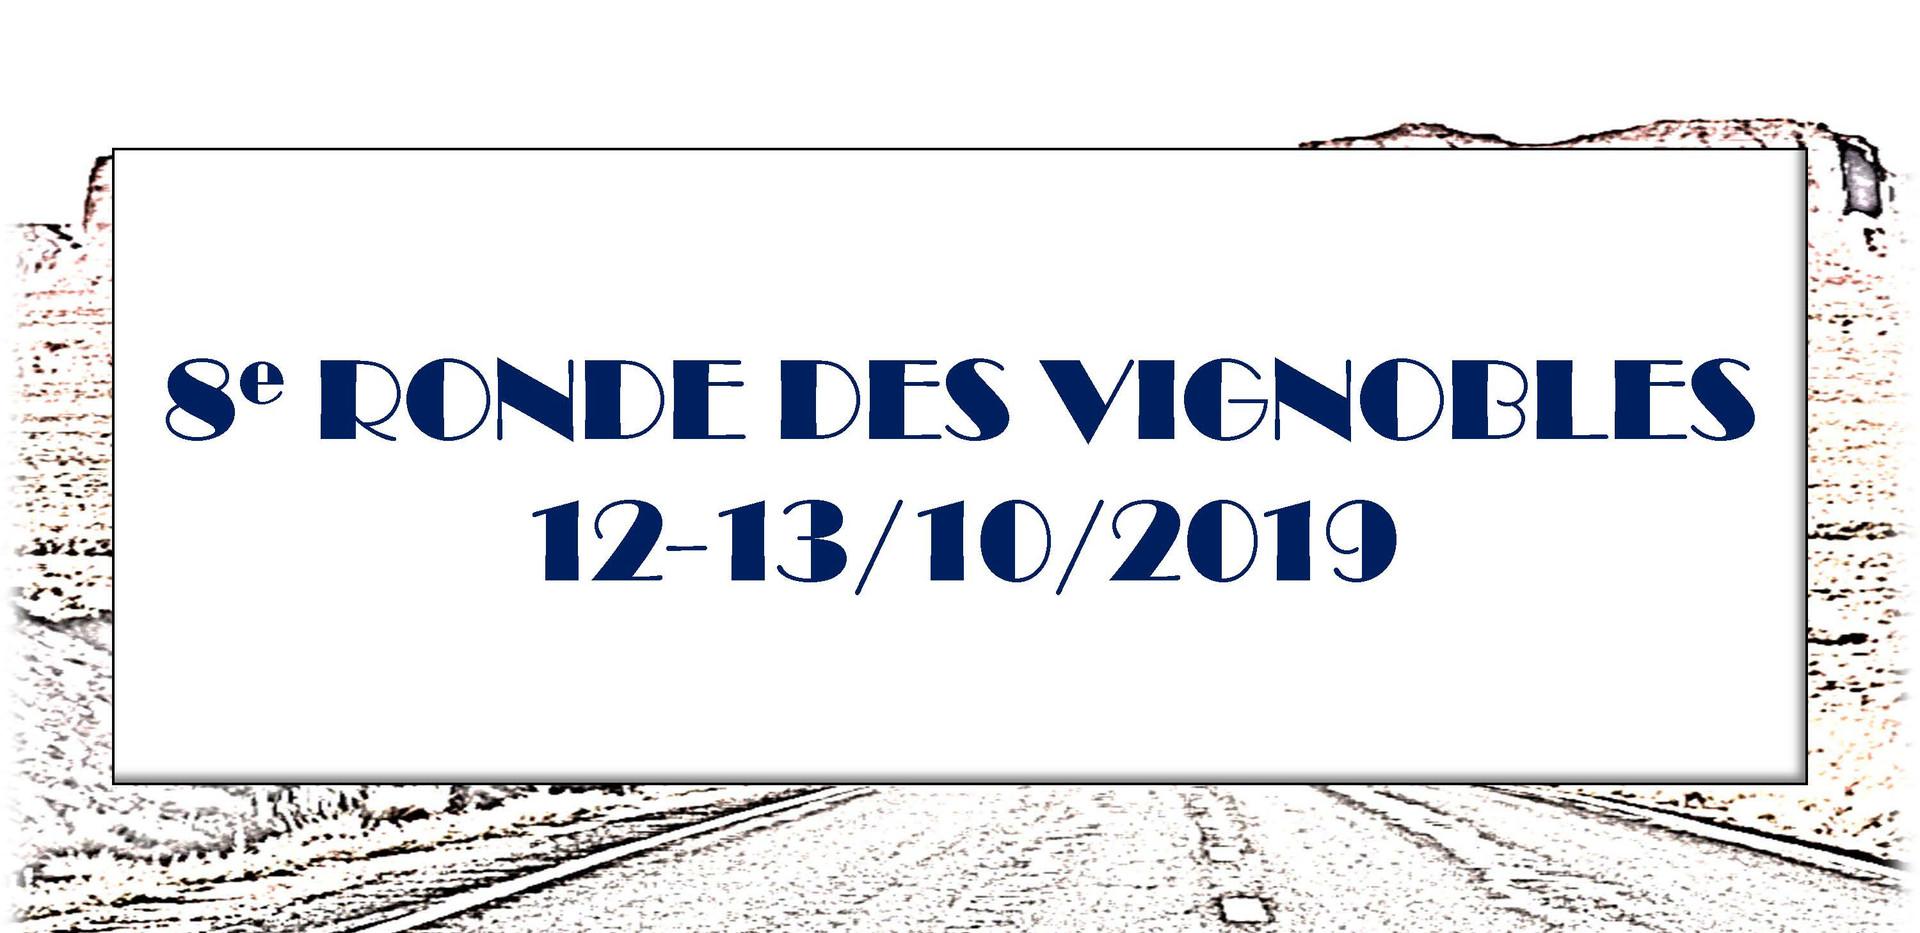 RONDE DES VIGNOBLES 12-13 10 2019_Page_0